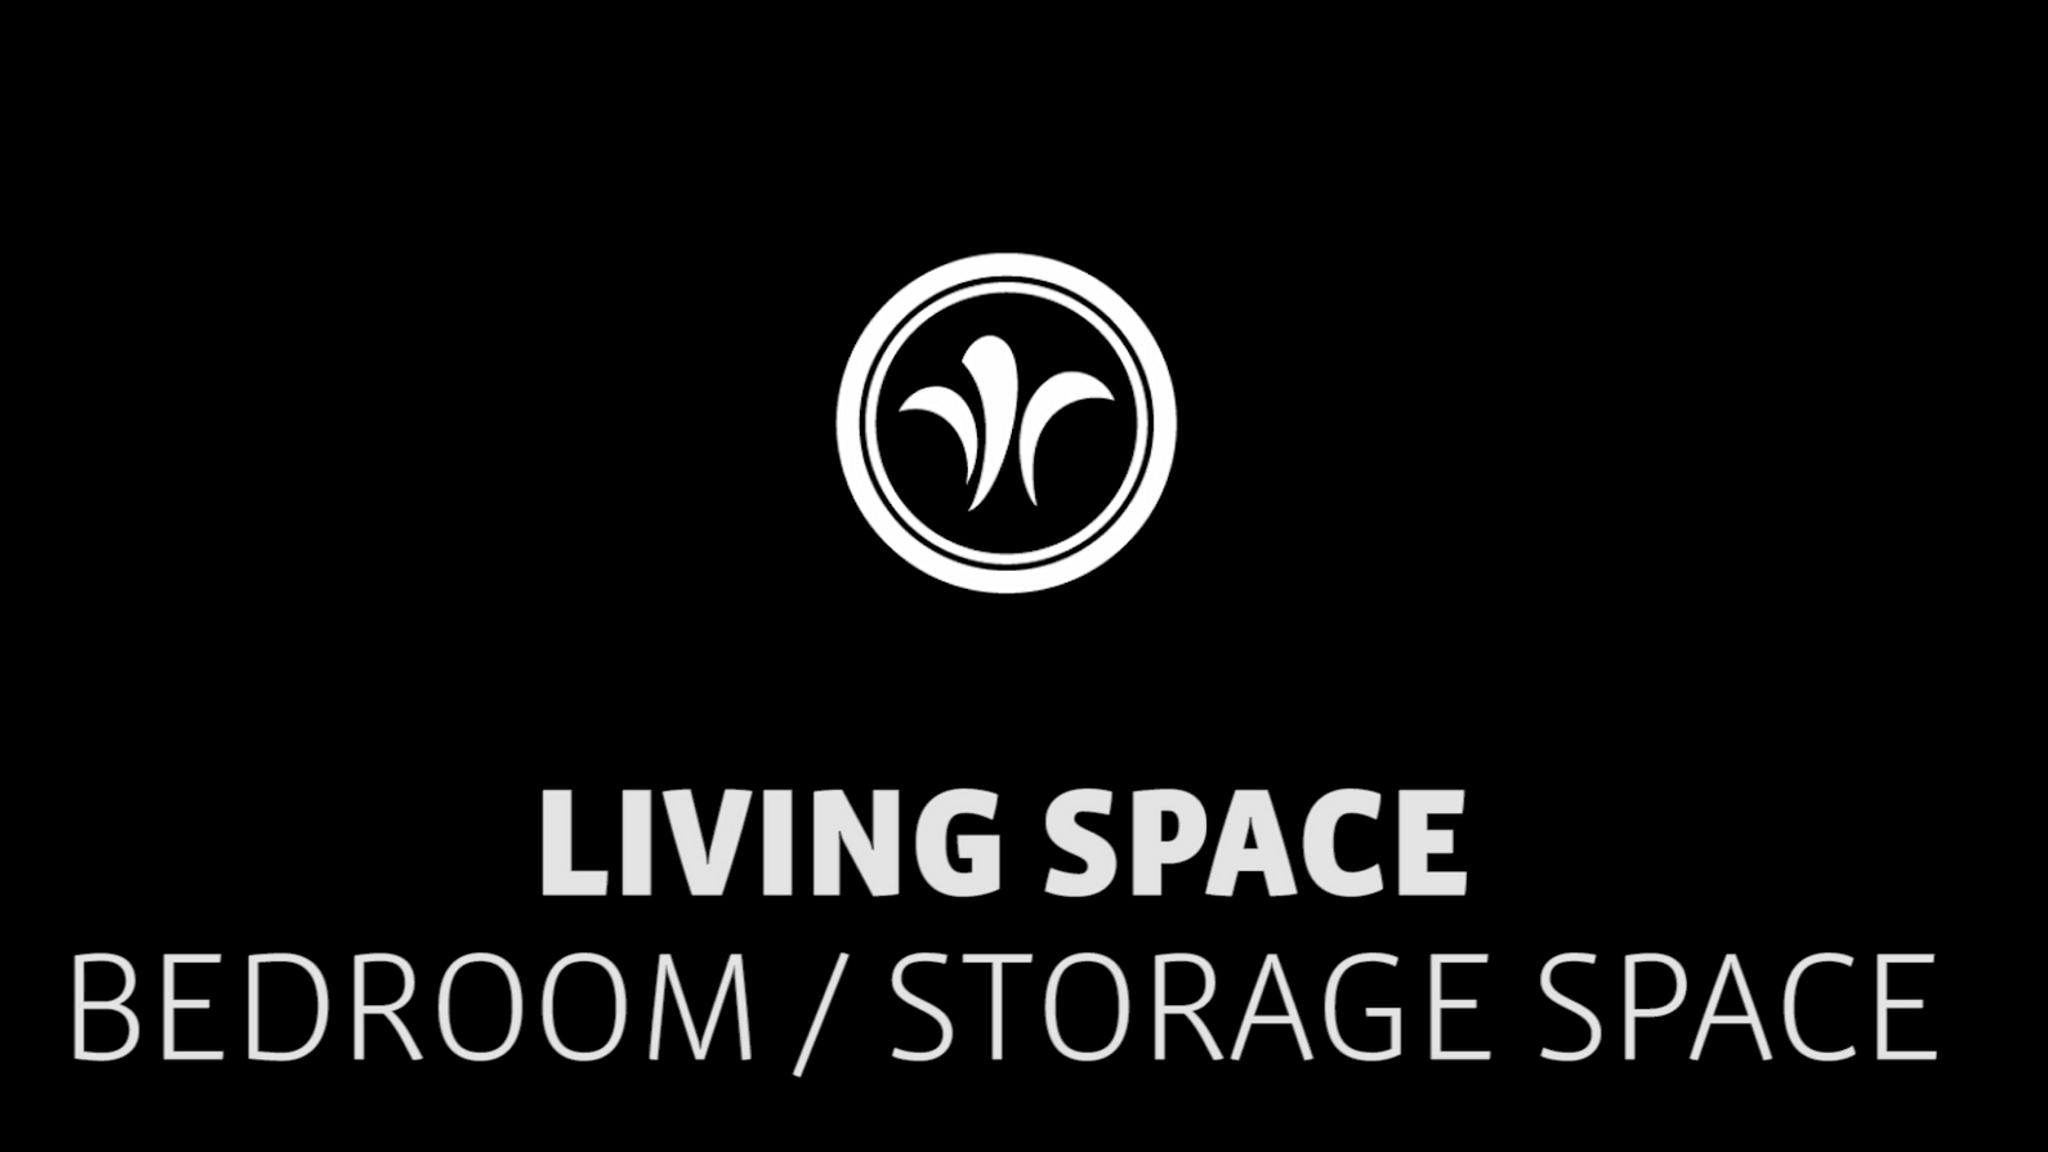 motorhome storage space in the bedroom // niesmann+bischoff - camper (model ARTO) // 2019 // WO2